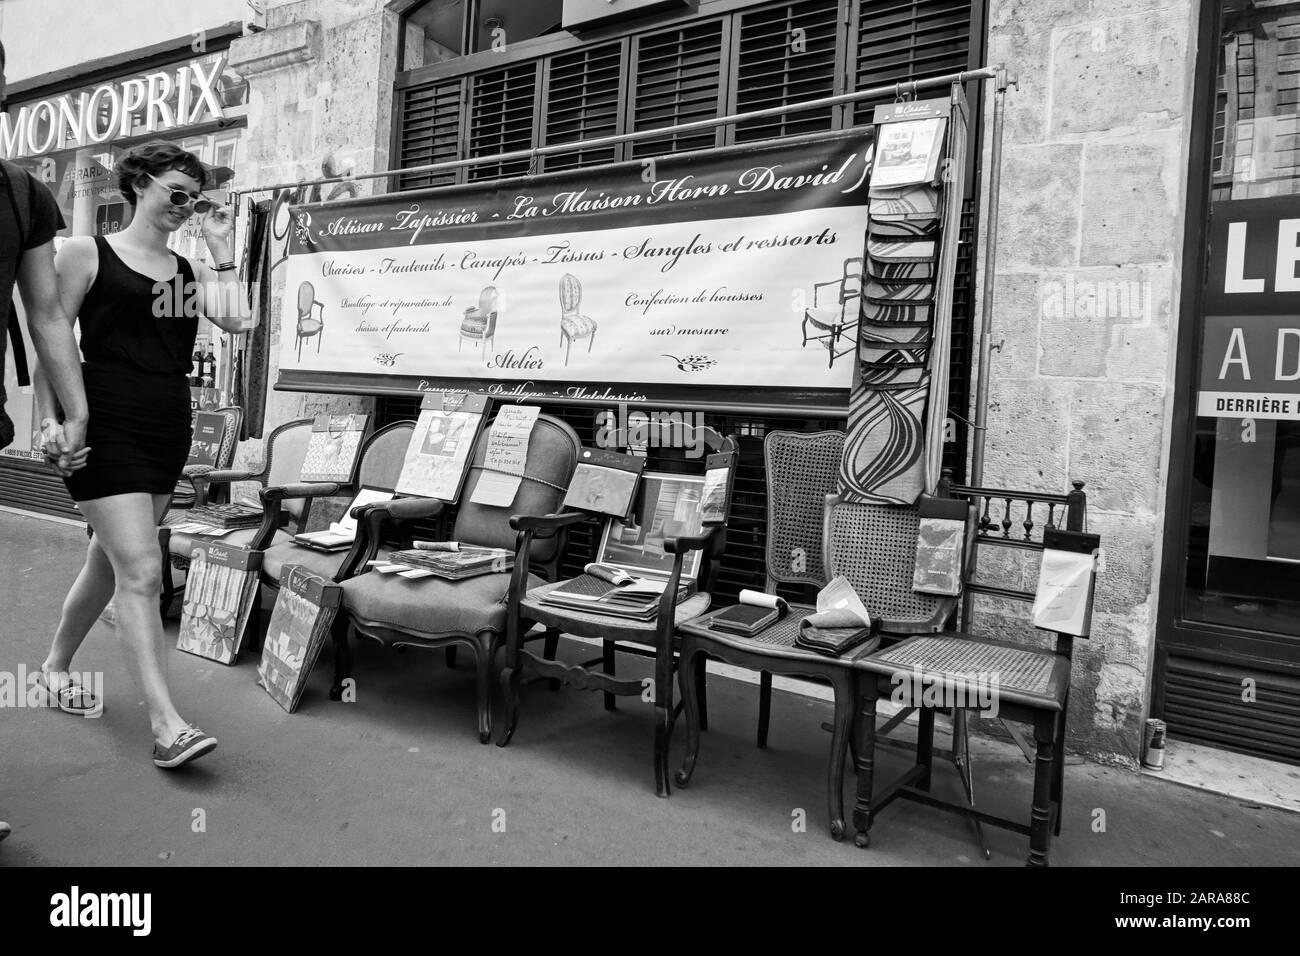 Tapissier Paris 20 tapissier stock photos & tapissier stock images - alamy